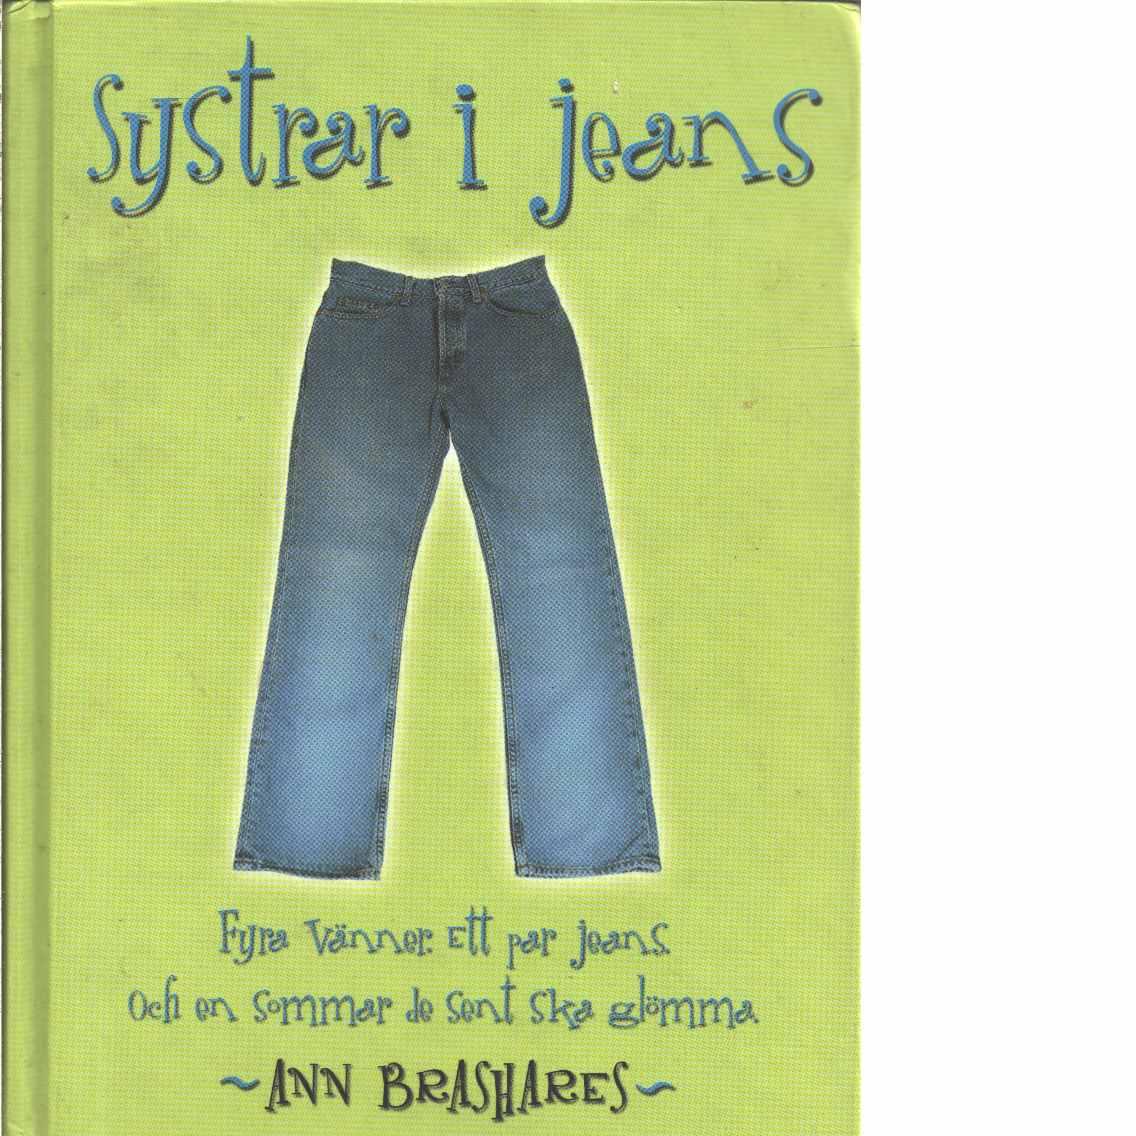 Systrar i jeans - Brashares, Ann